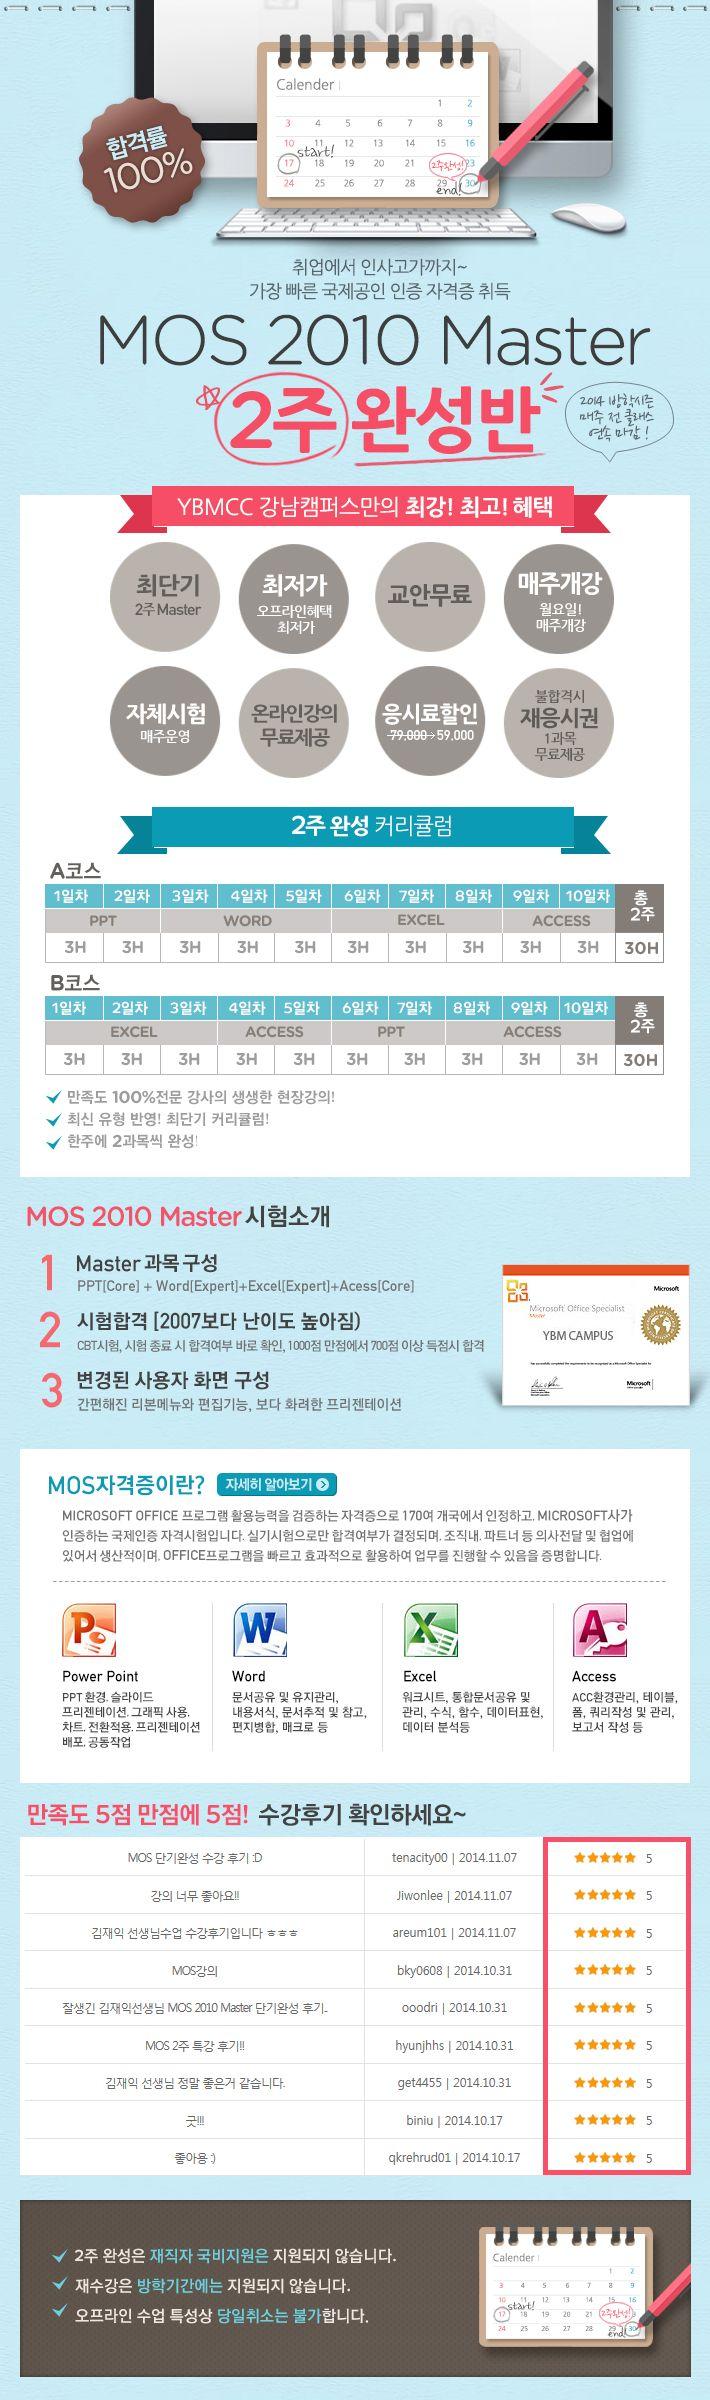 [YBMCC 강남] MOS 2주완성 상세페이지(옥)